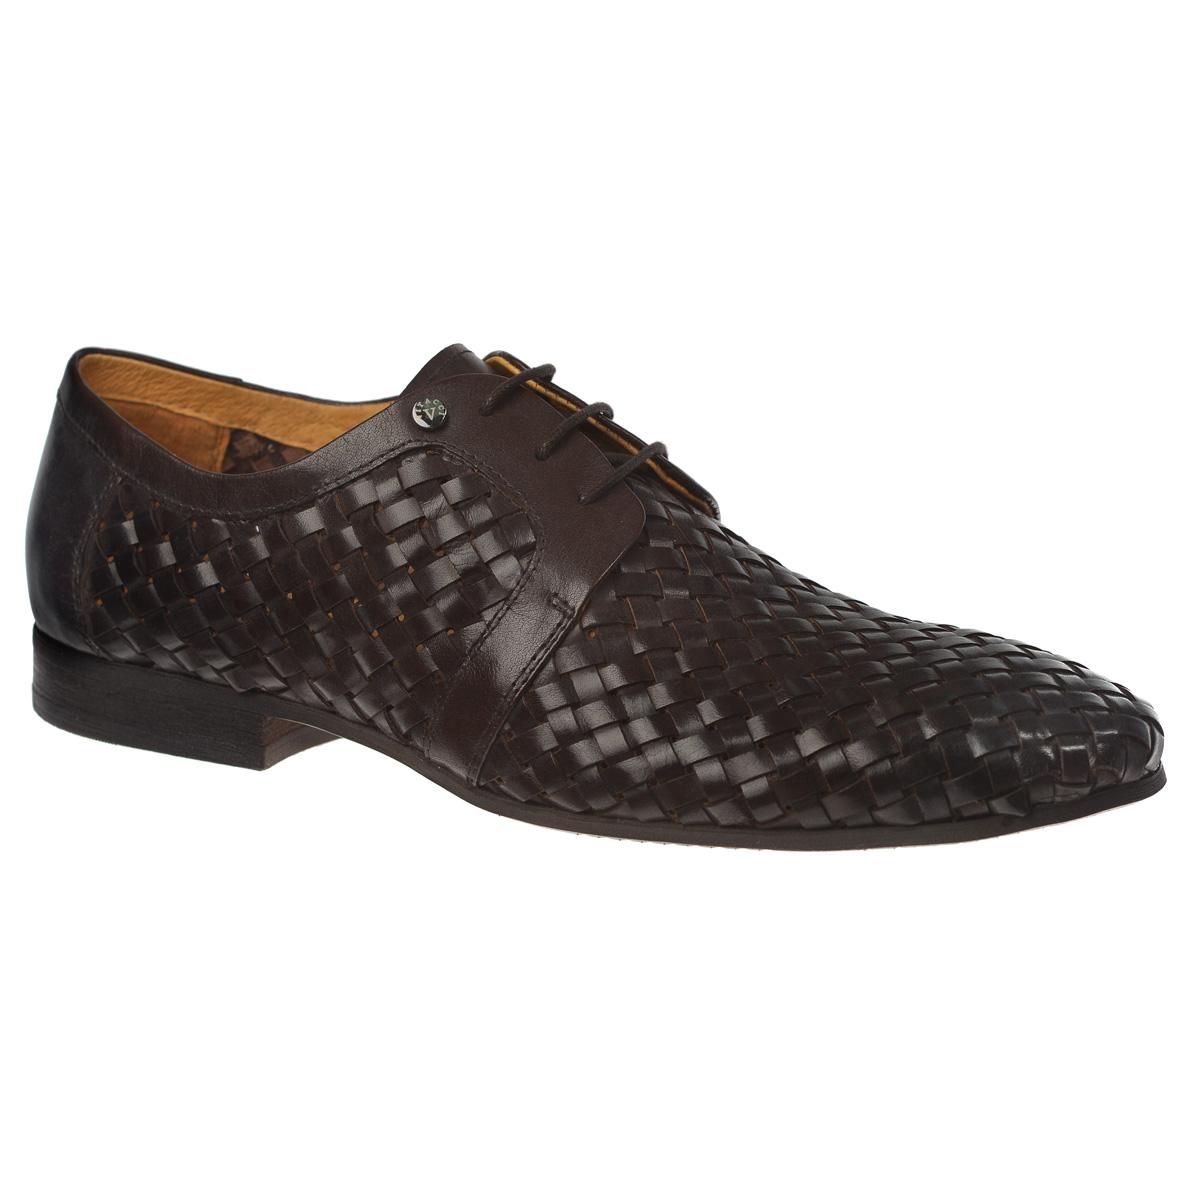 Туфли мужские. M77033M77033Трендовые мужские туфли Vitacci займут достойное место в вашем гардеробе. Модель изготовлена из высококачественной натуральной кожи и оформлена декоративным плетением. Подъем туфель украшен небольшой металлической пластиной с названием и логотипом бренда. Шнуровка прочно зафиксирует модель на вашей ноге. Стелька из натуральной кожи позволяет ногам дышать. Низкий каблук и подошва с противоскользящим рифлением обеспечивают отличное сцепление с любой поверхностью. Стильные туфли не оставят равнодушным ни одного мужчину.